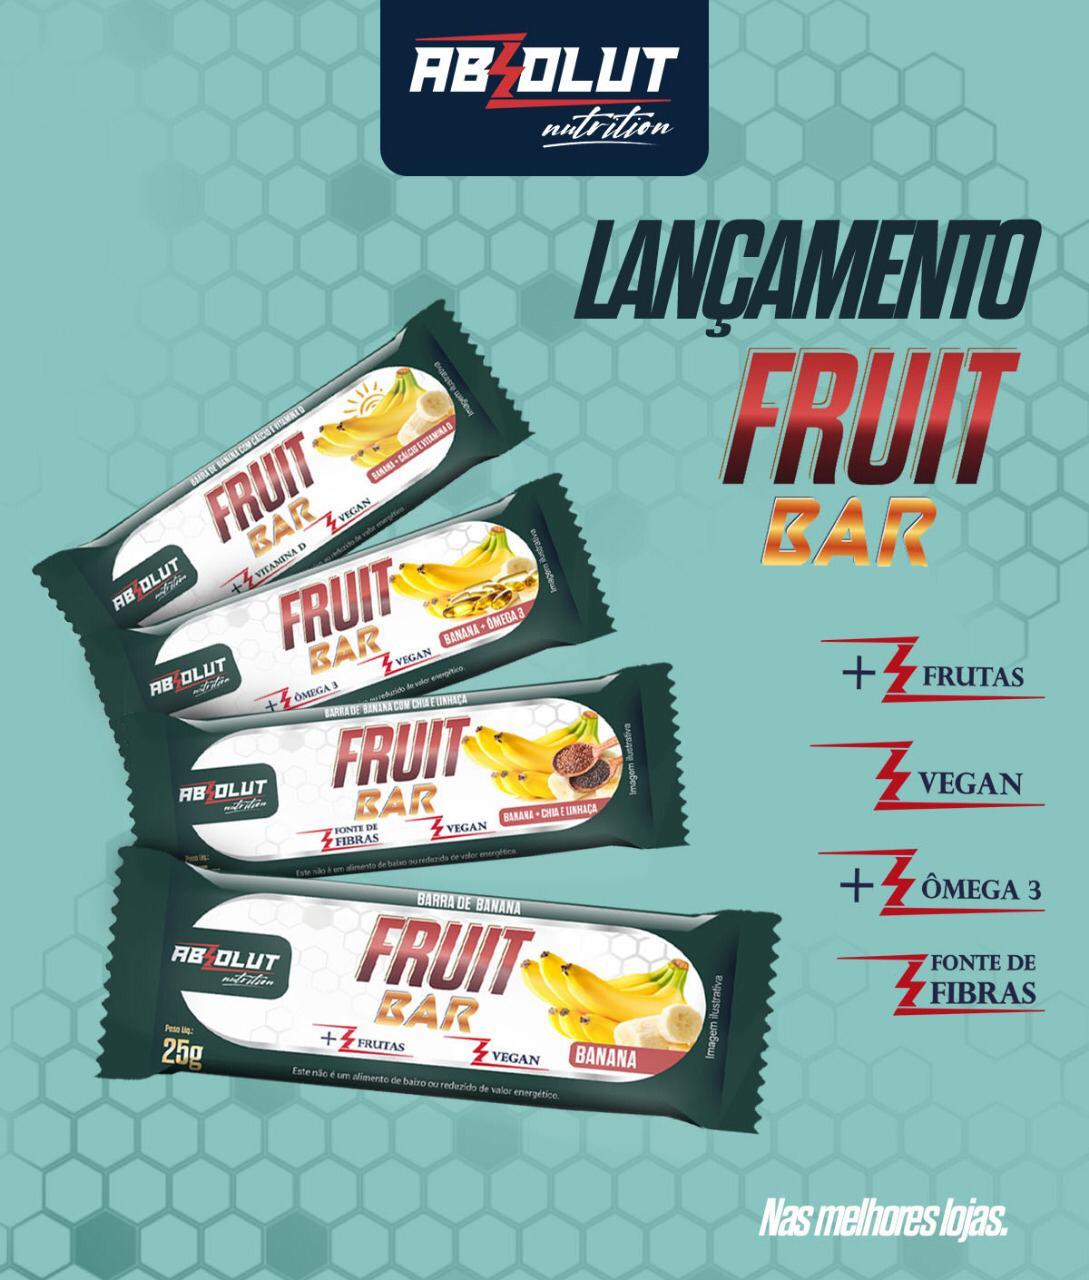 BARRA DE FRUTA FRUIT BAR BANANA + ÔMEGA 3 - ABS NUTRITION